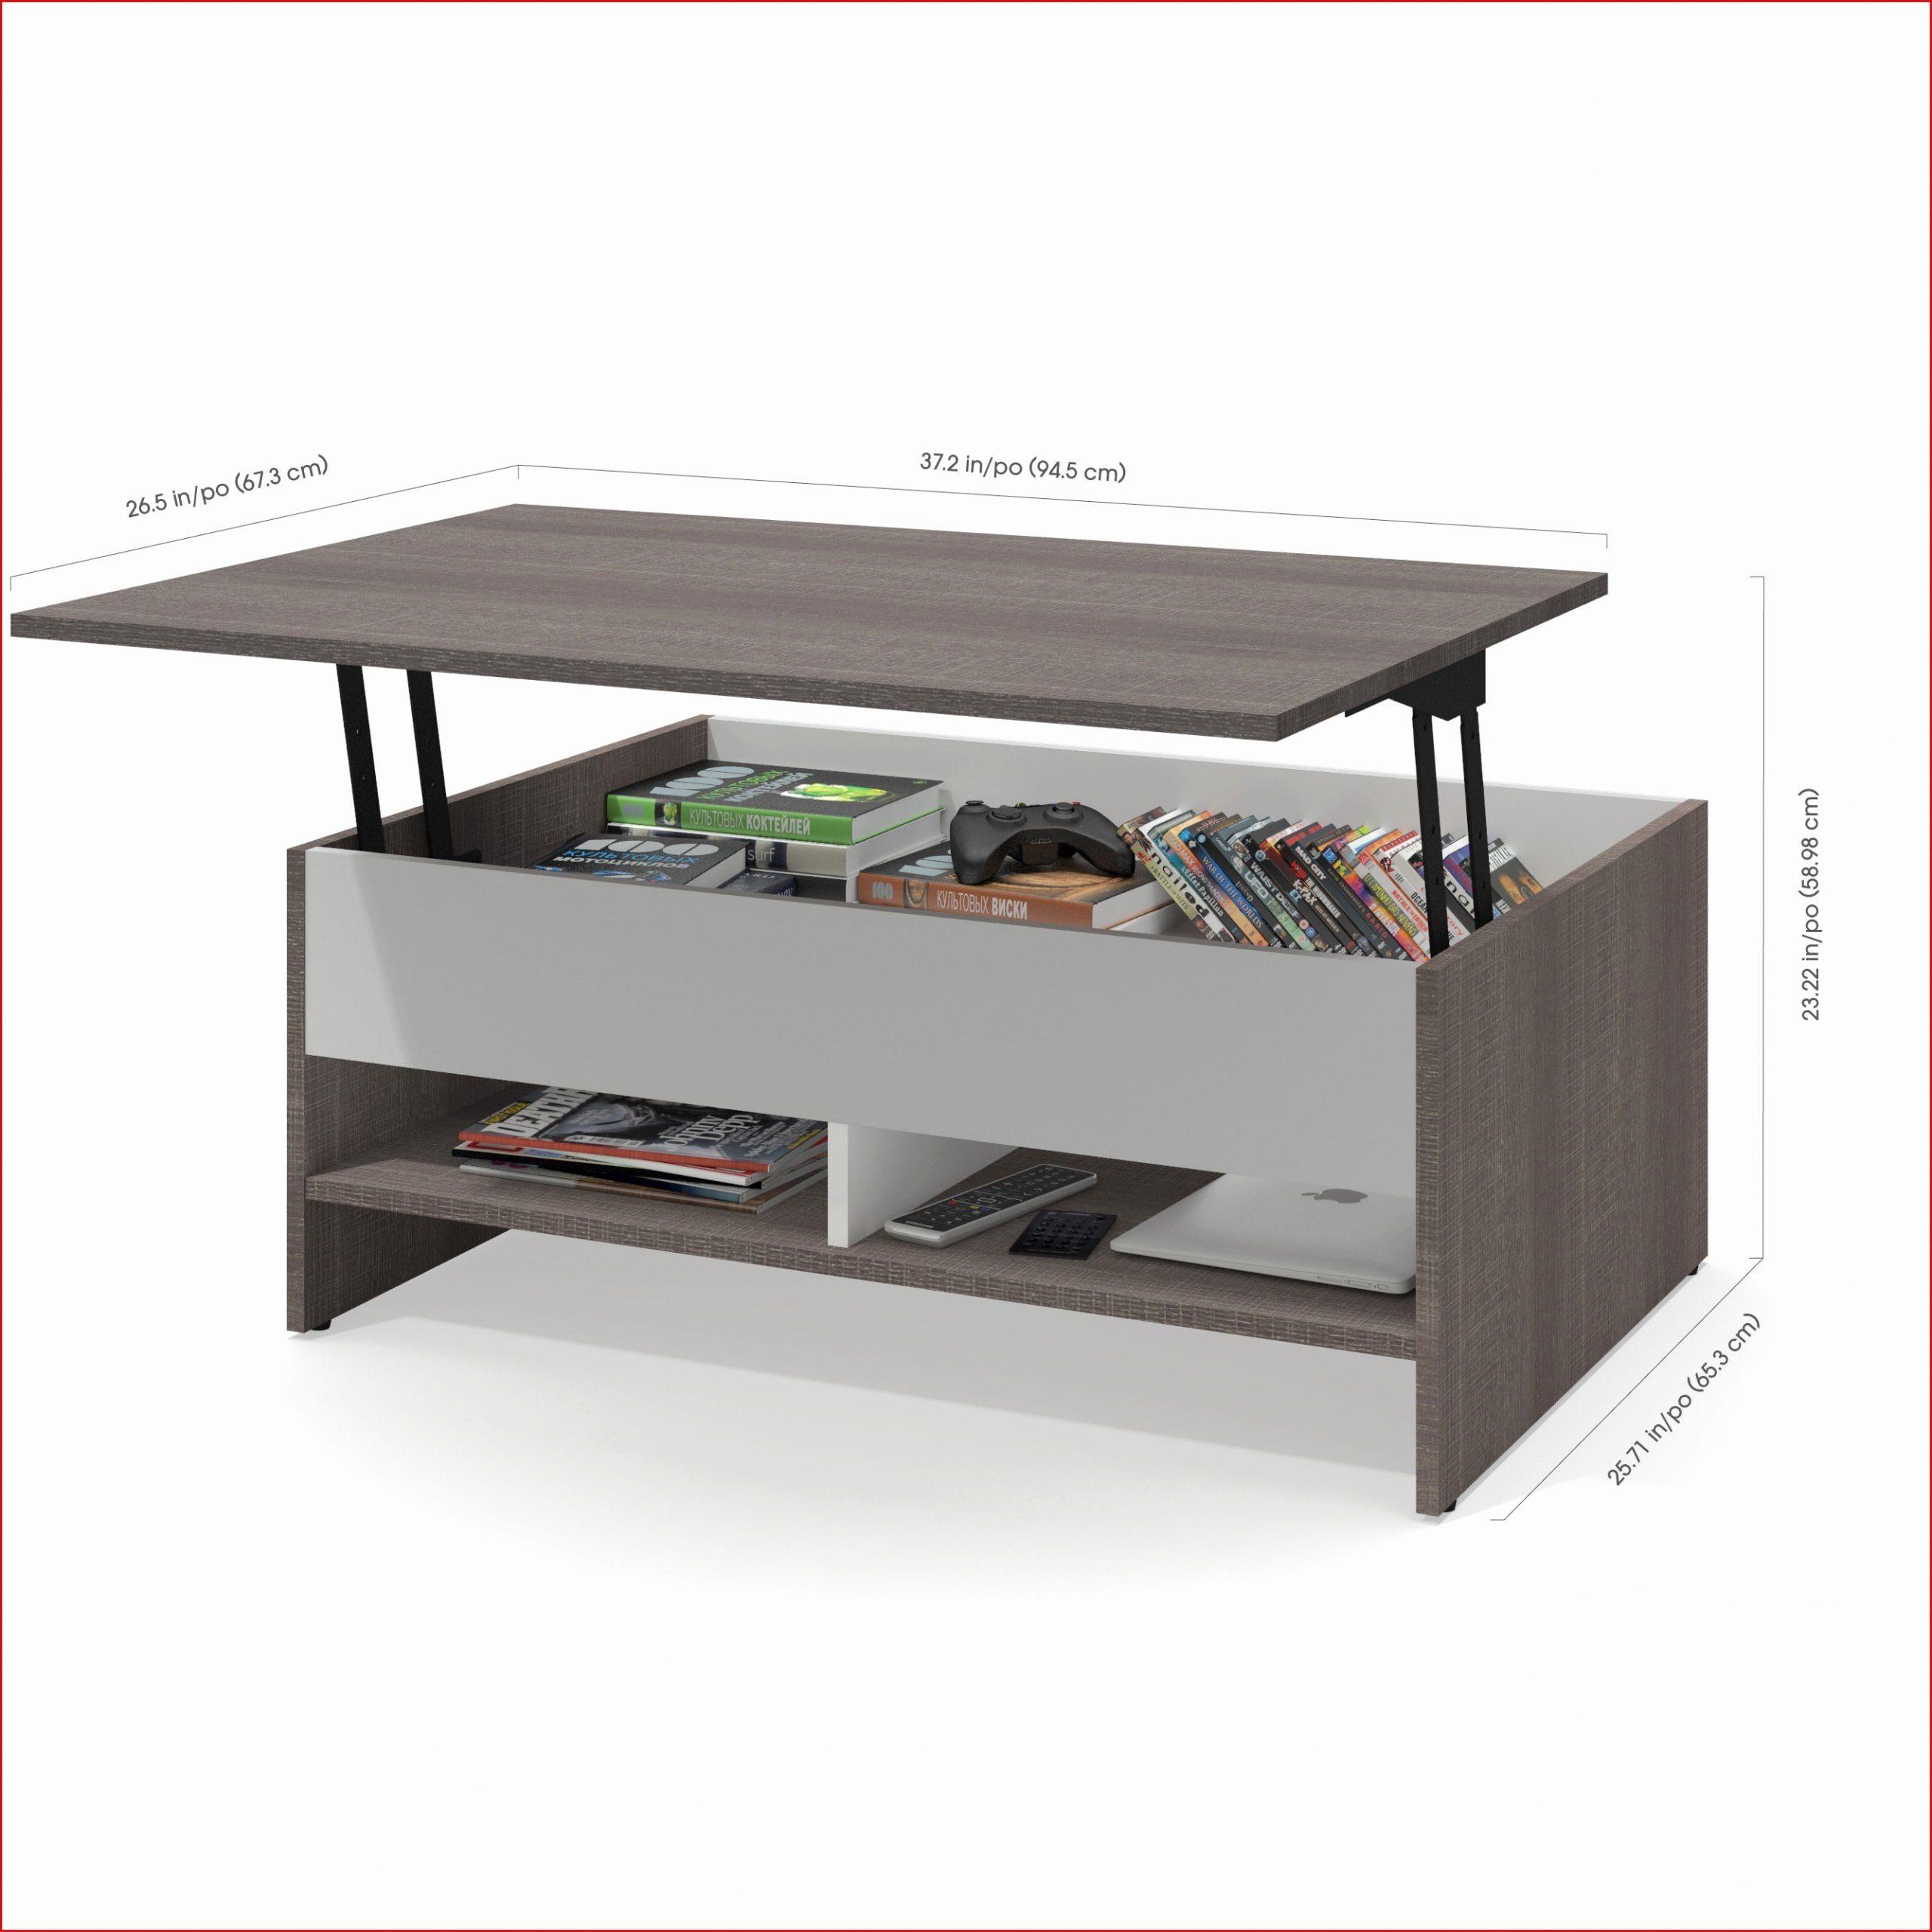 Table Industrielle Ikea Beau Table Bureau Ikea Luxe Table De ... encequiconcerne Table Basse De Jardin Ikea